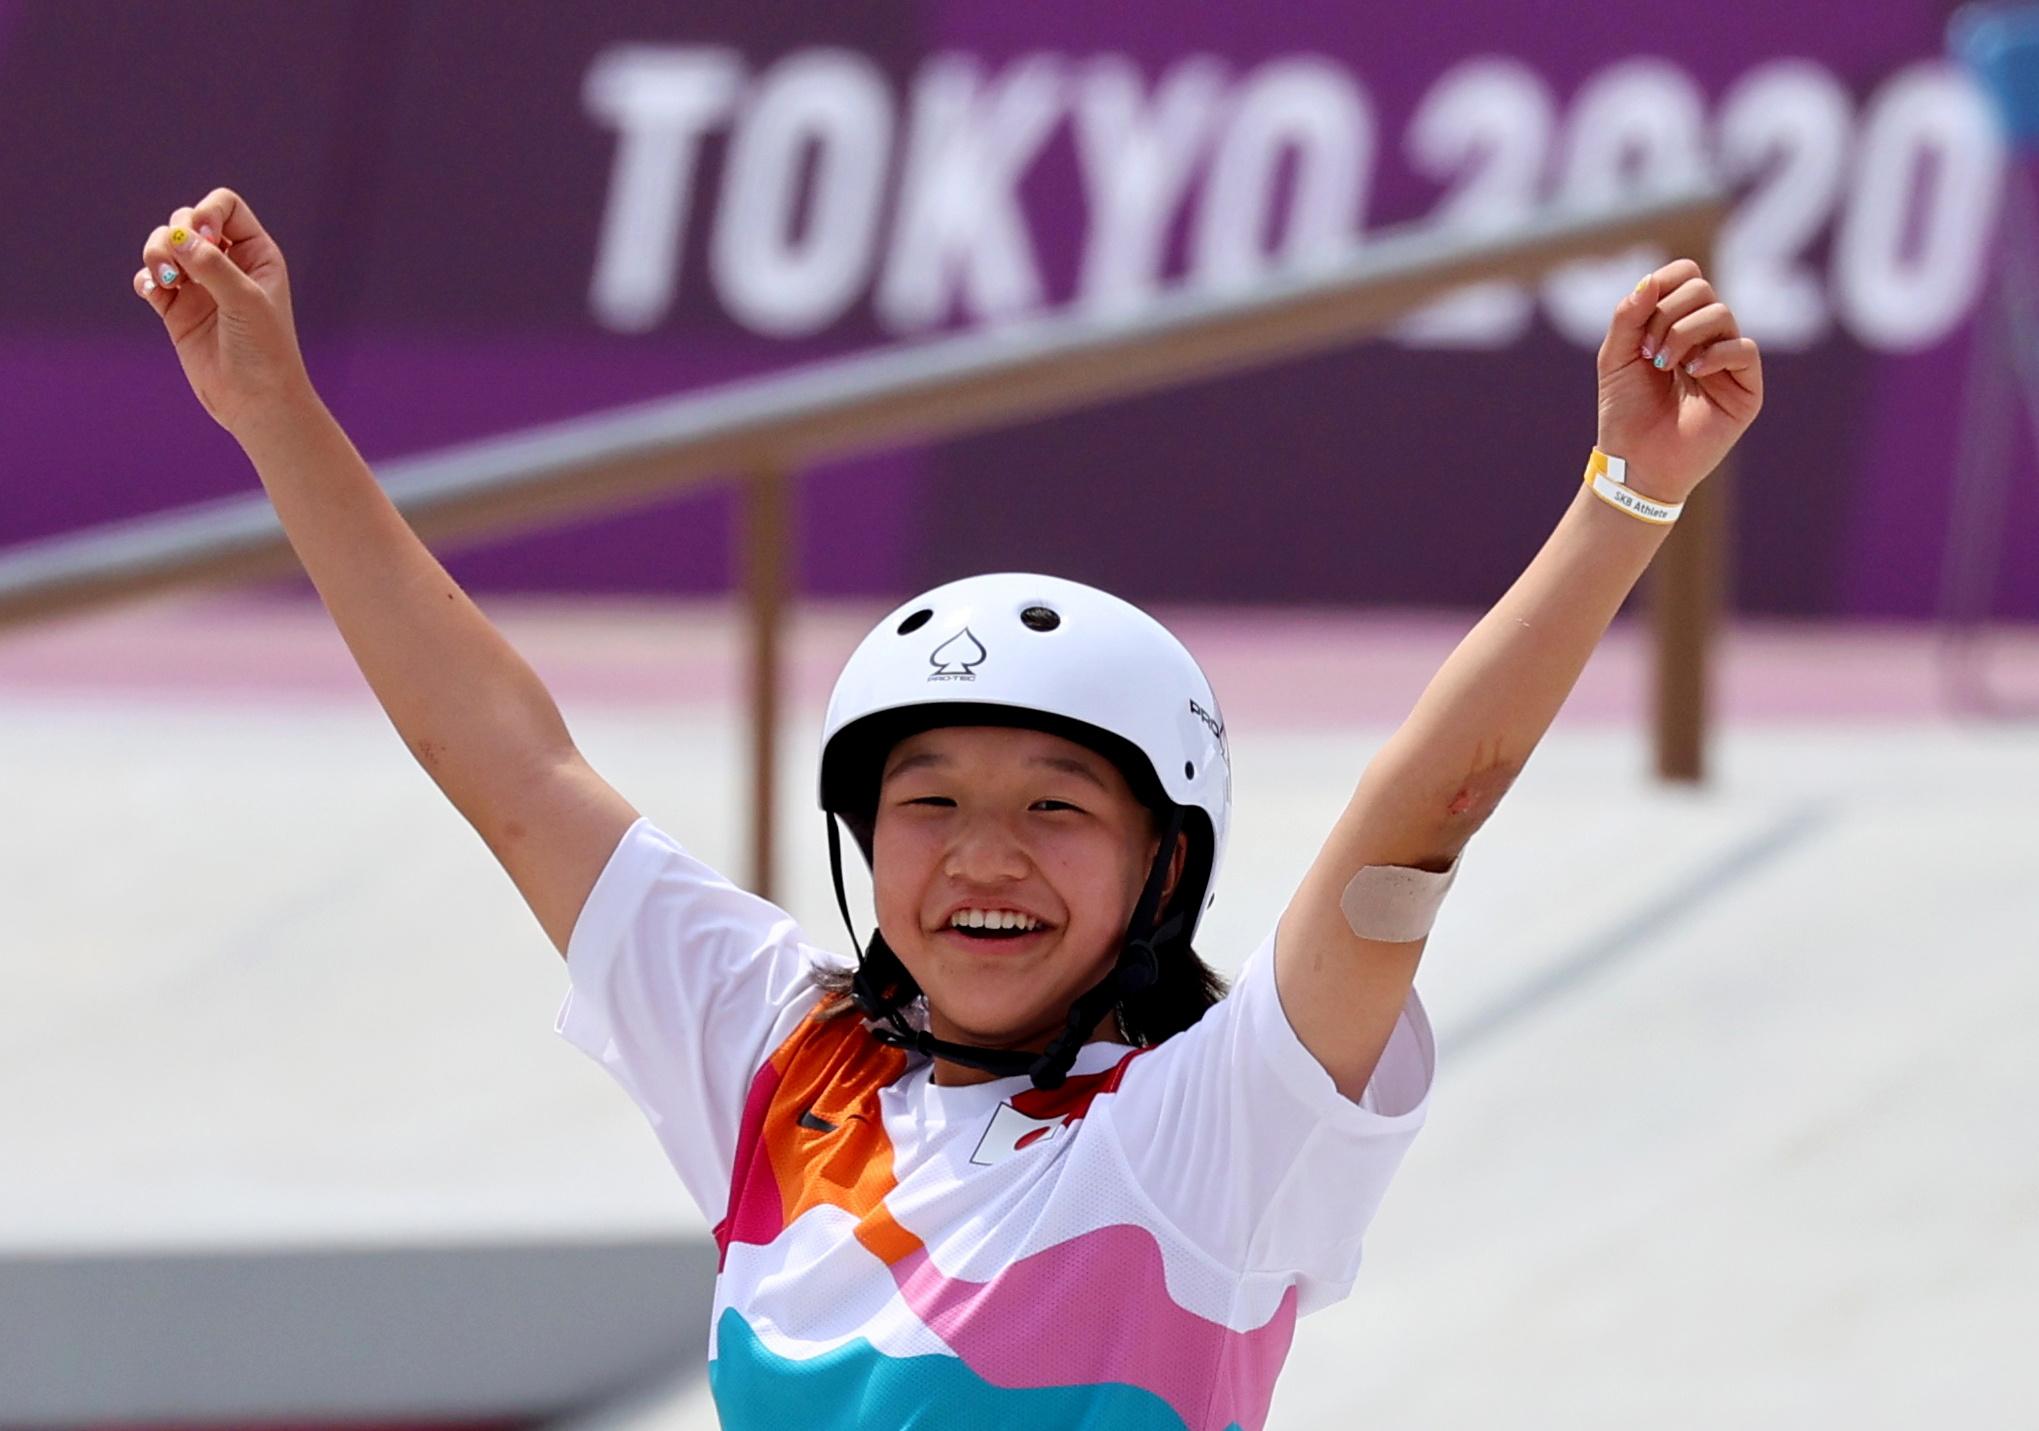 Skeitbordā sieviešu konkurencē - jaunākais goda pjedestāls olimpisko spēļu vēsturē